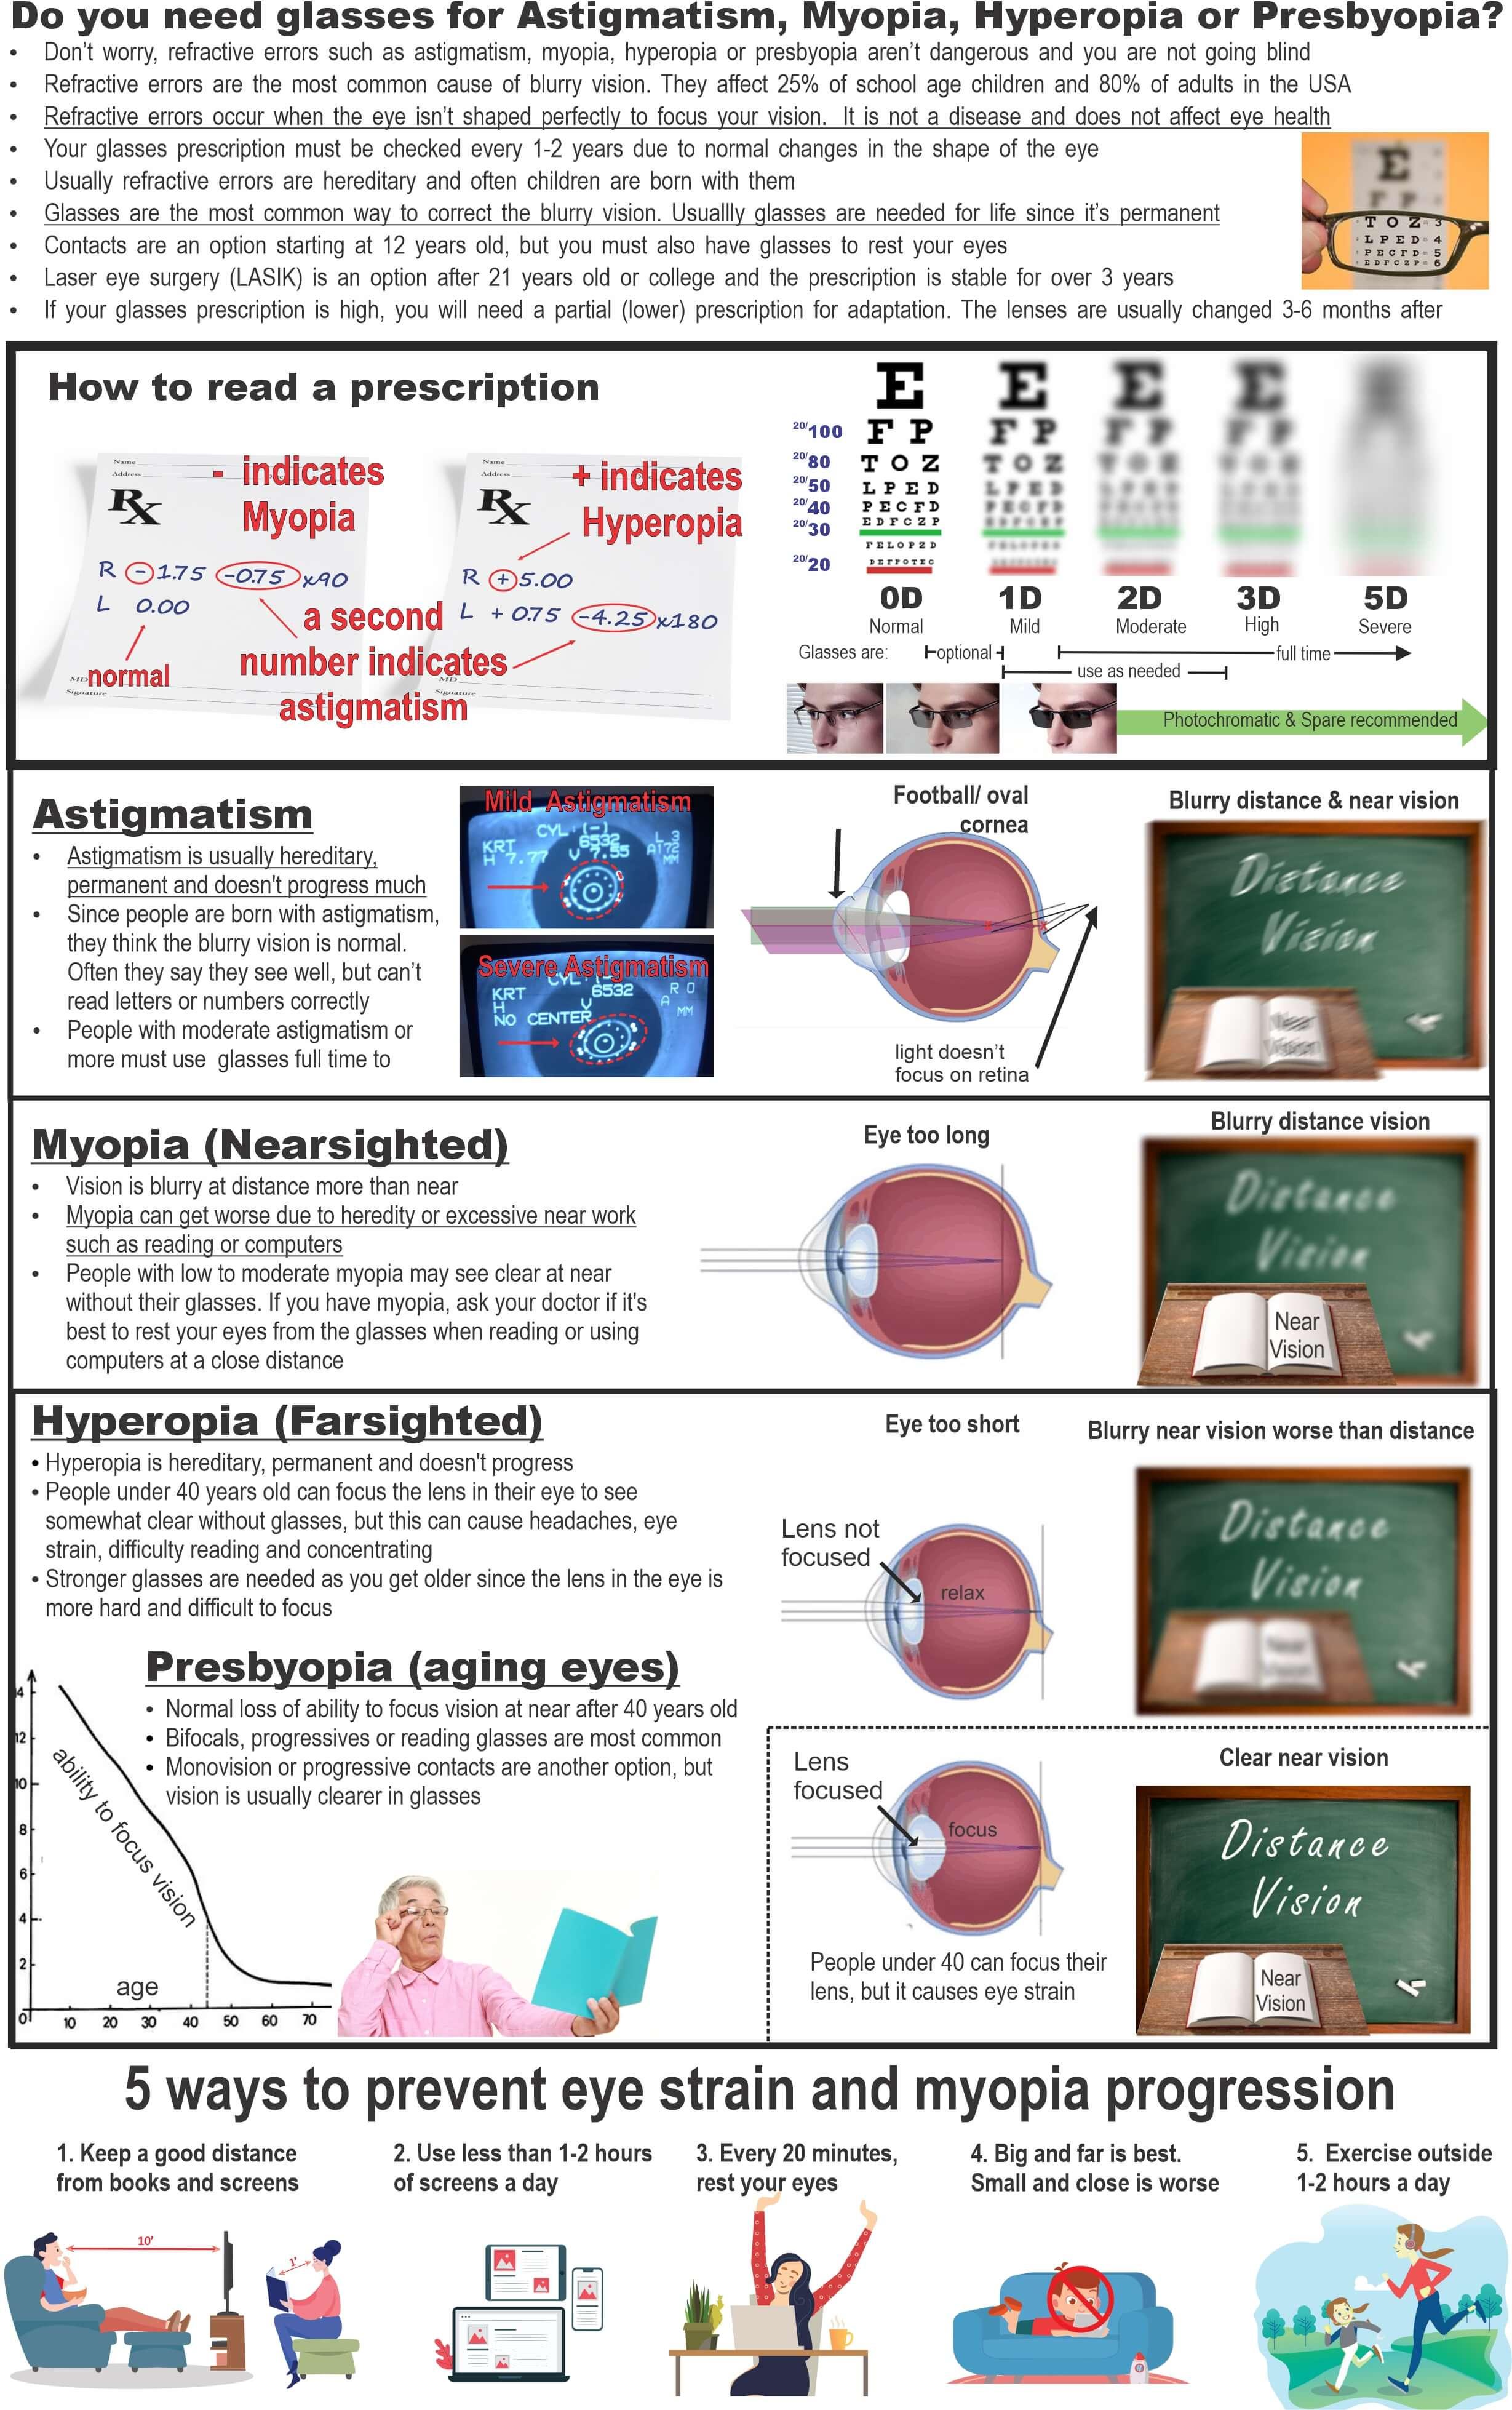 NeedGlassesForRefractive Errors, PRESBYOPIA ENG